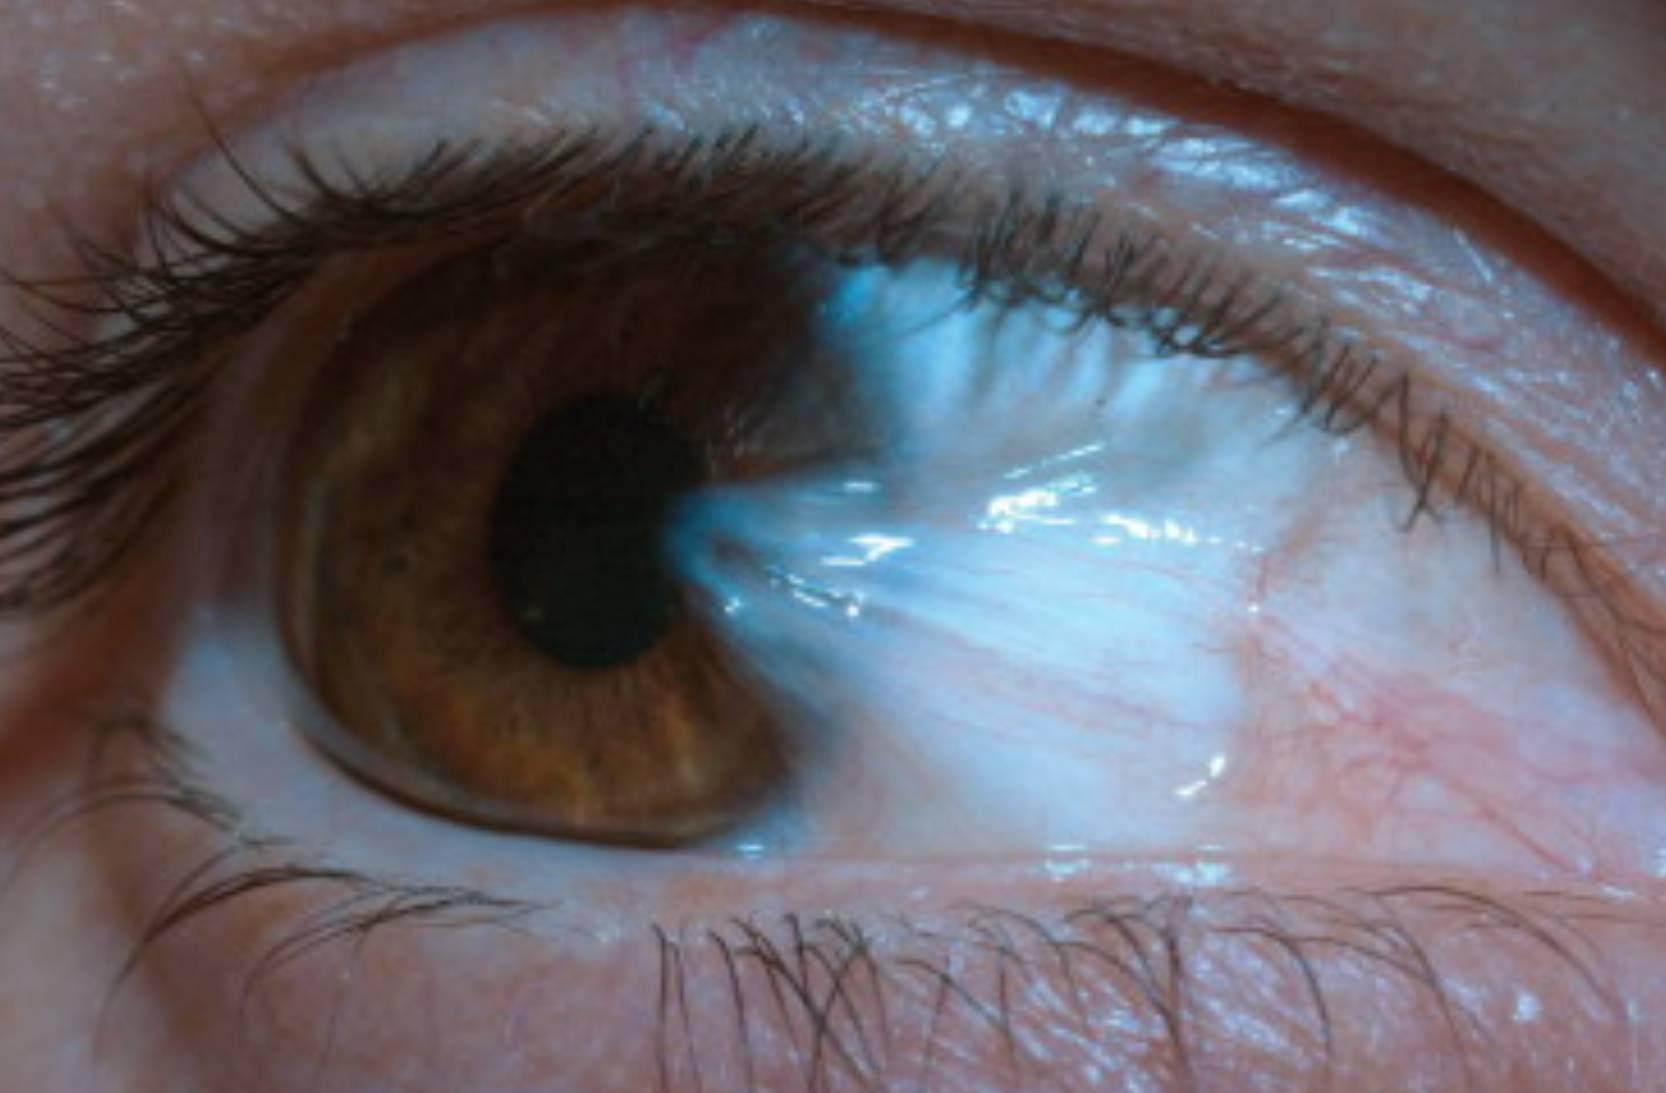 Пленка на глазу у человека: причины и лечение